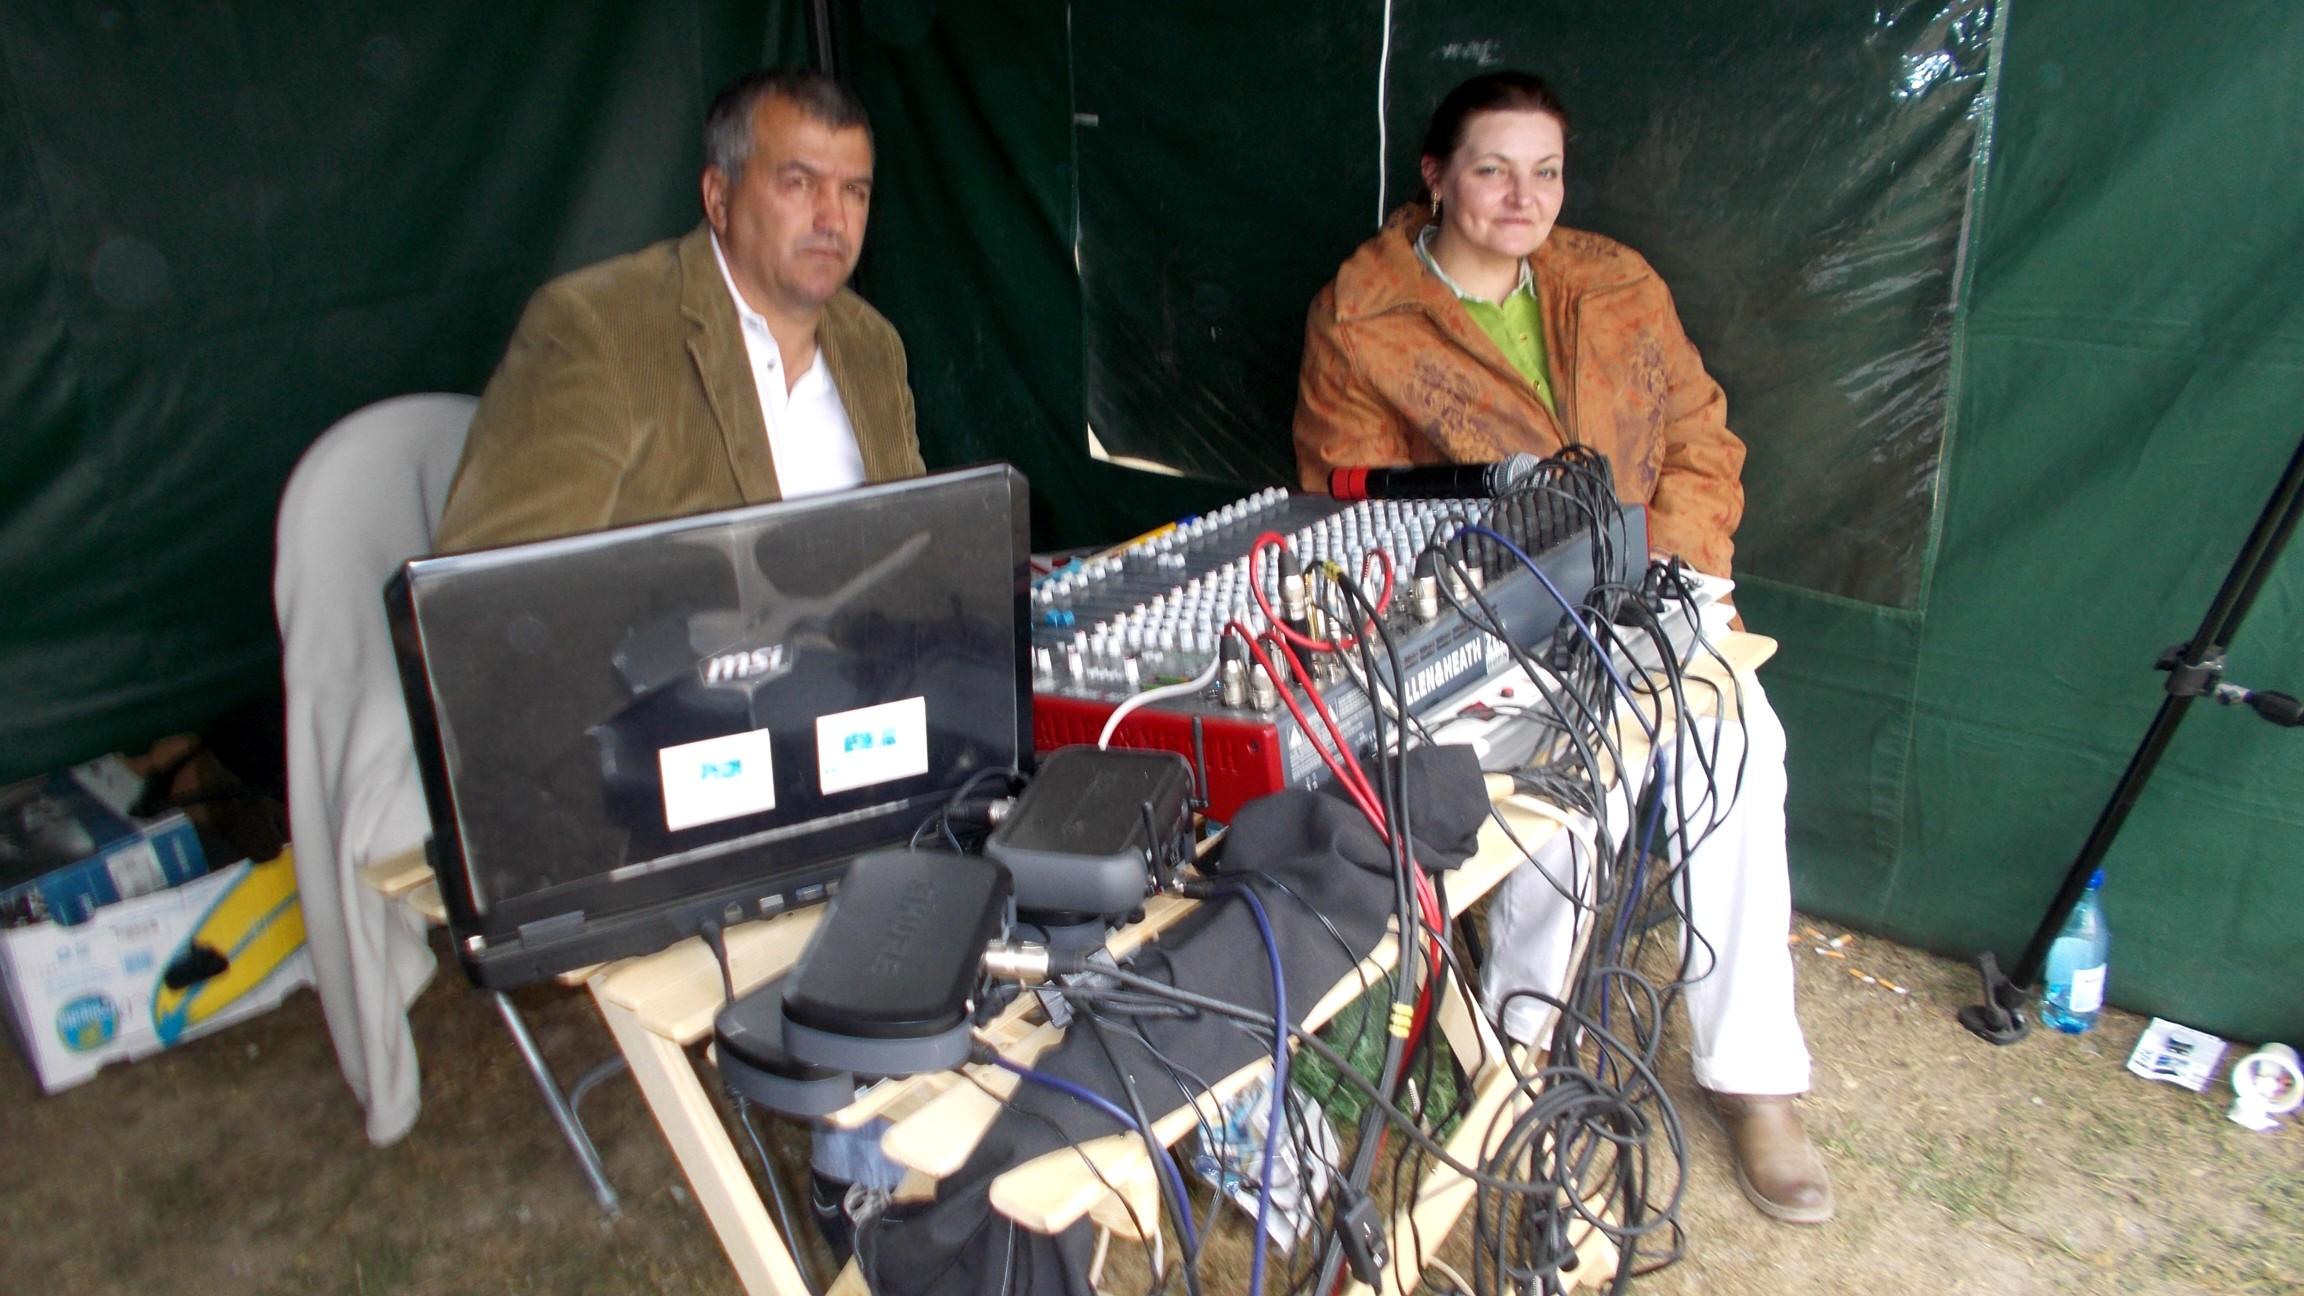 În cortul de sunete, colegii mei Cornel Boicu şi Corina Scîntei